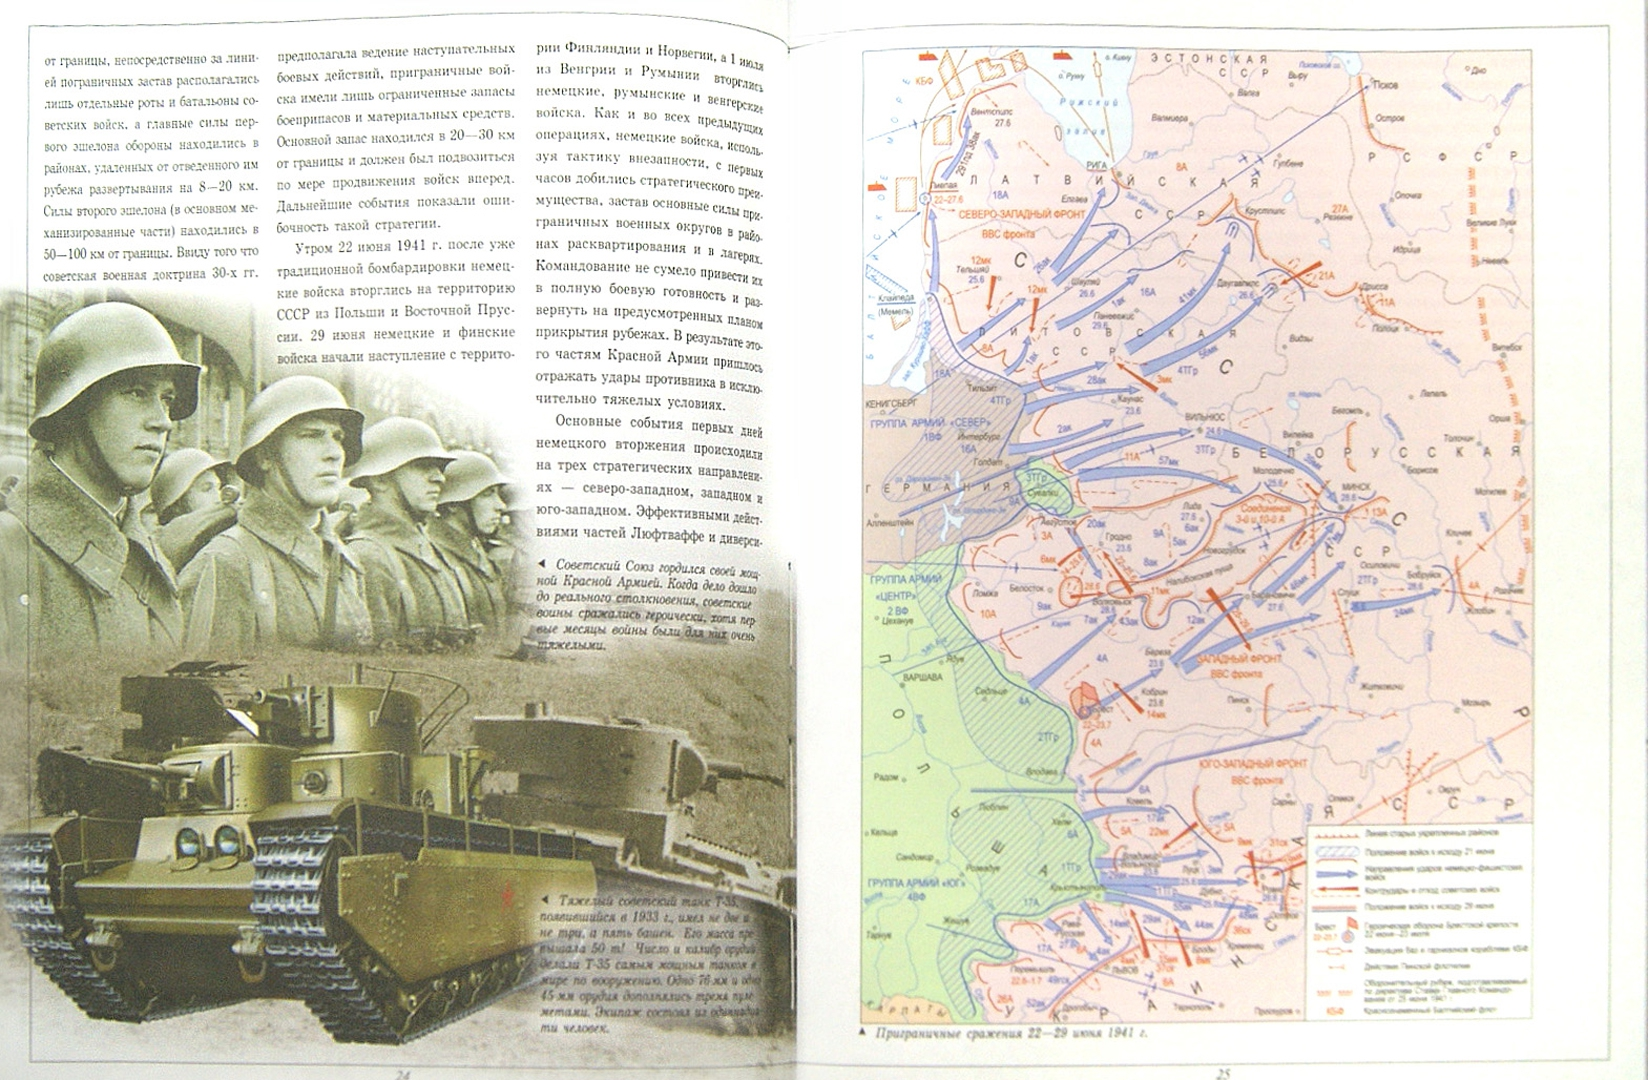 Иллюстрация 1 из 19 для Великая Отечественная война - Мерников, Спектор, Ликсо   Лабиринт - книги. Источник: Лабиринт